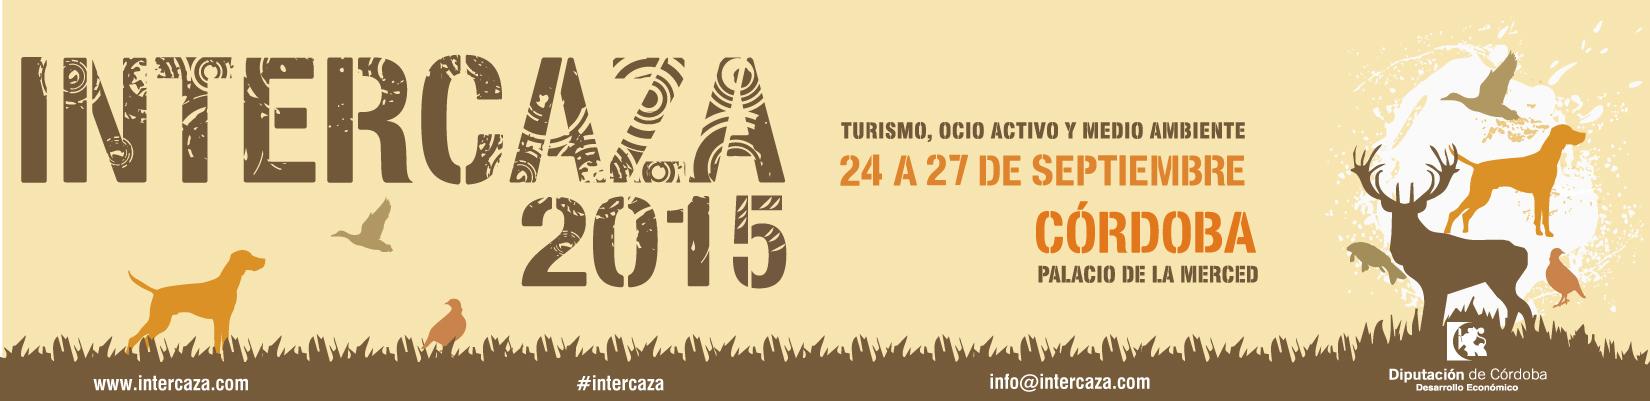 Intercaza vuelve a la Diputación de Córdoba del 24 al 27 de septiembre